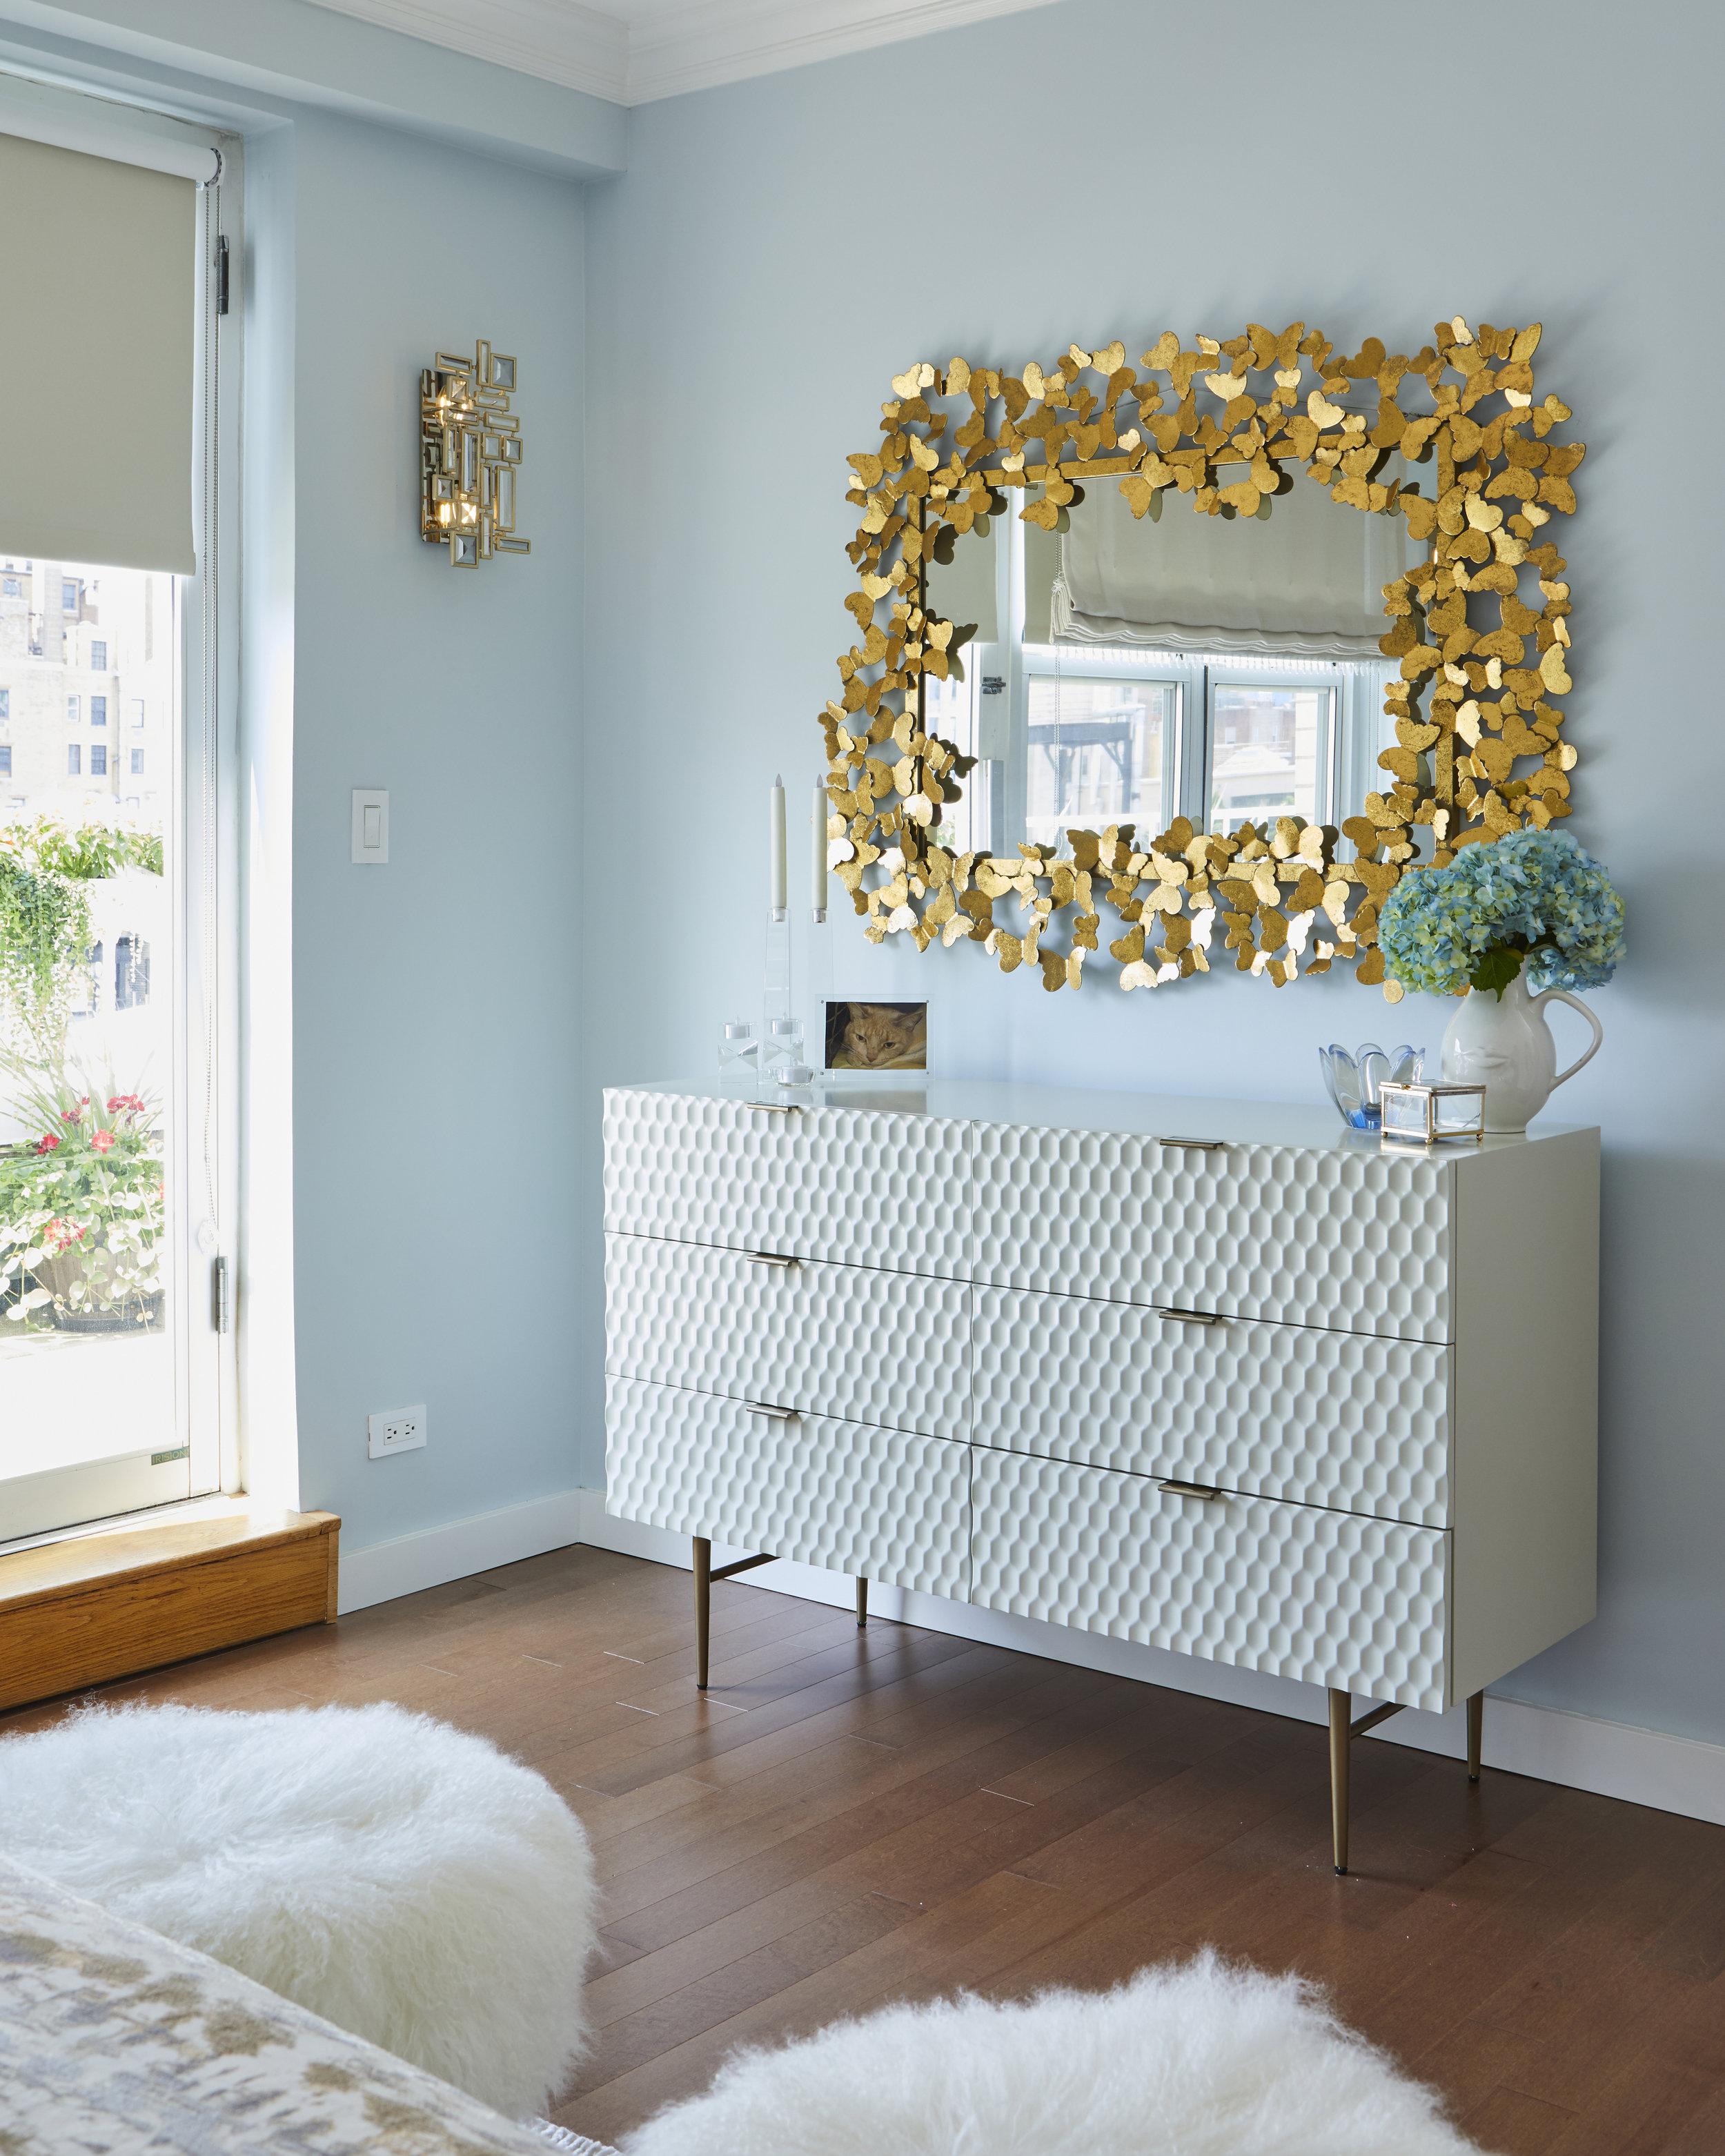 Phyllis Harbinger design _mentistudio.com_ 50-8x10.jpg